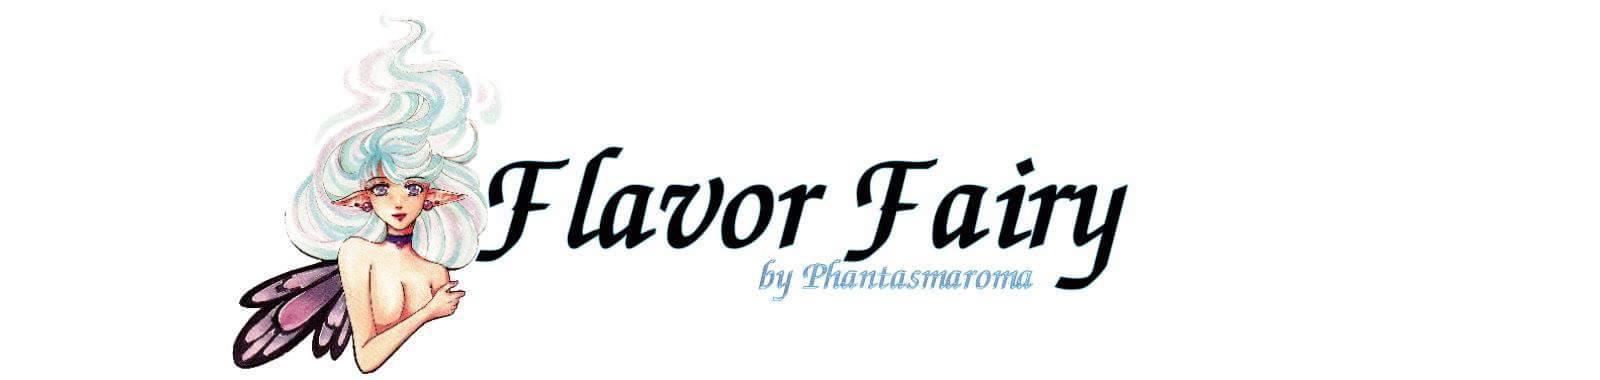 Die Feen unter den Aromen: Phantasmaroma's - Flavor Fairy's im Test - Lucrecia / Jaina / Hakiri / Sheela / Sabiria